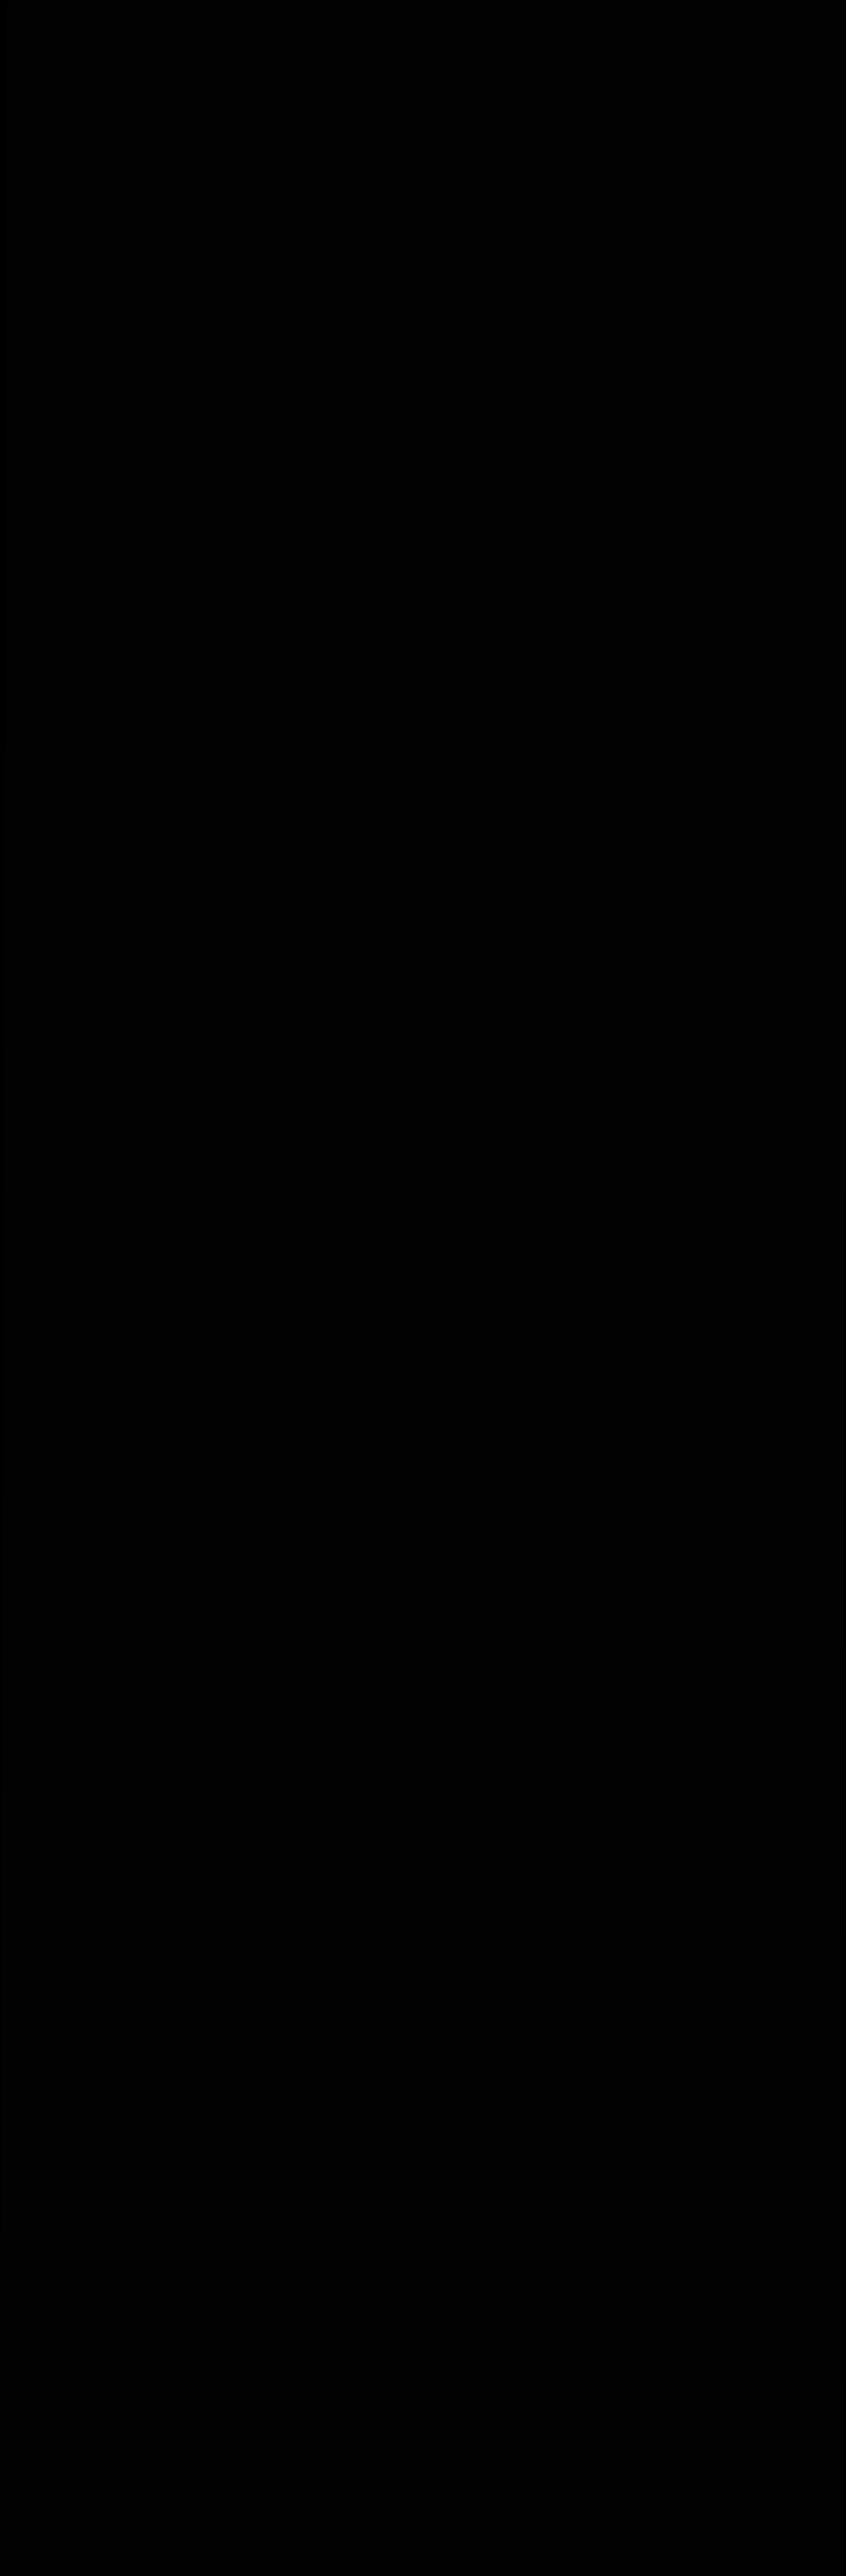 图层 1 拷贝 2.png